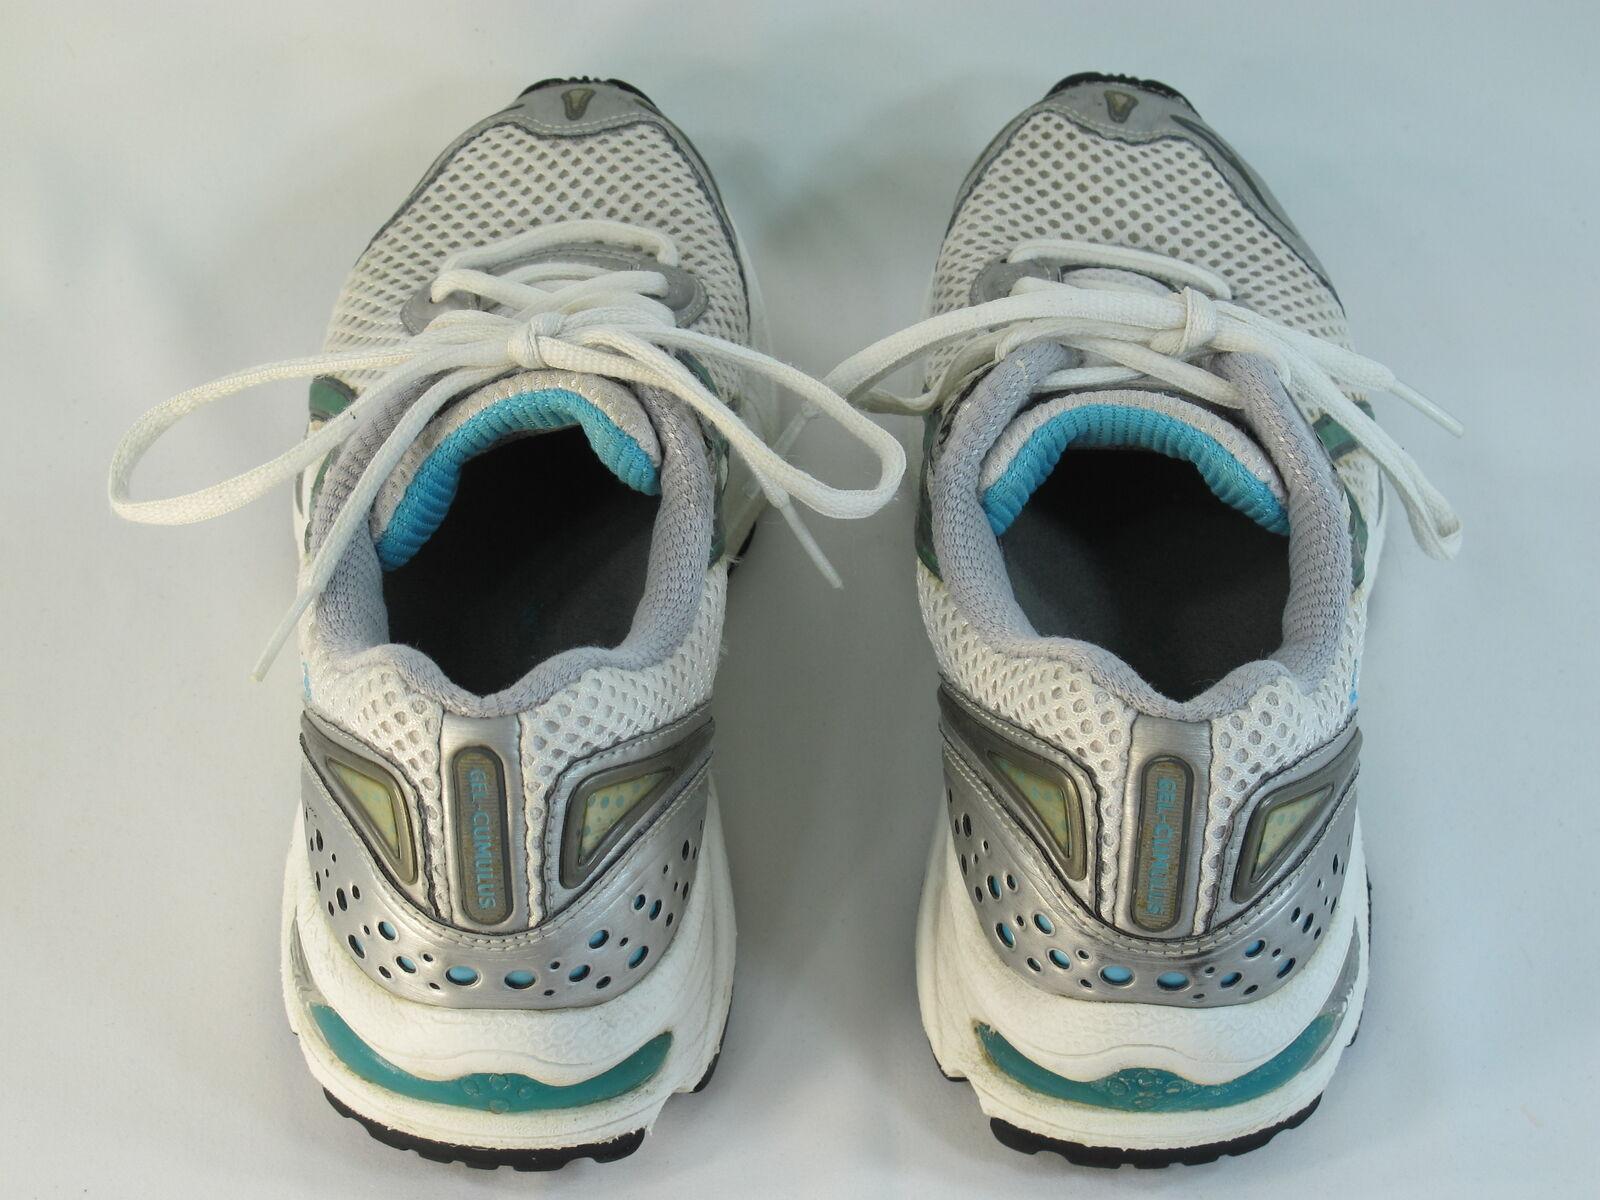 asics gel des cumulus de 11 des chaussures de cumulus taille 7,5 d'excellents et condition 68f7b4